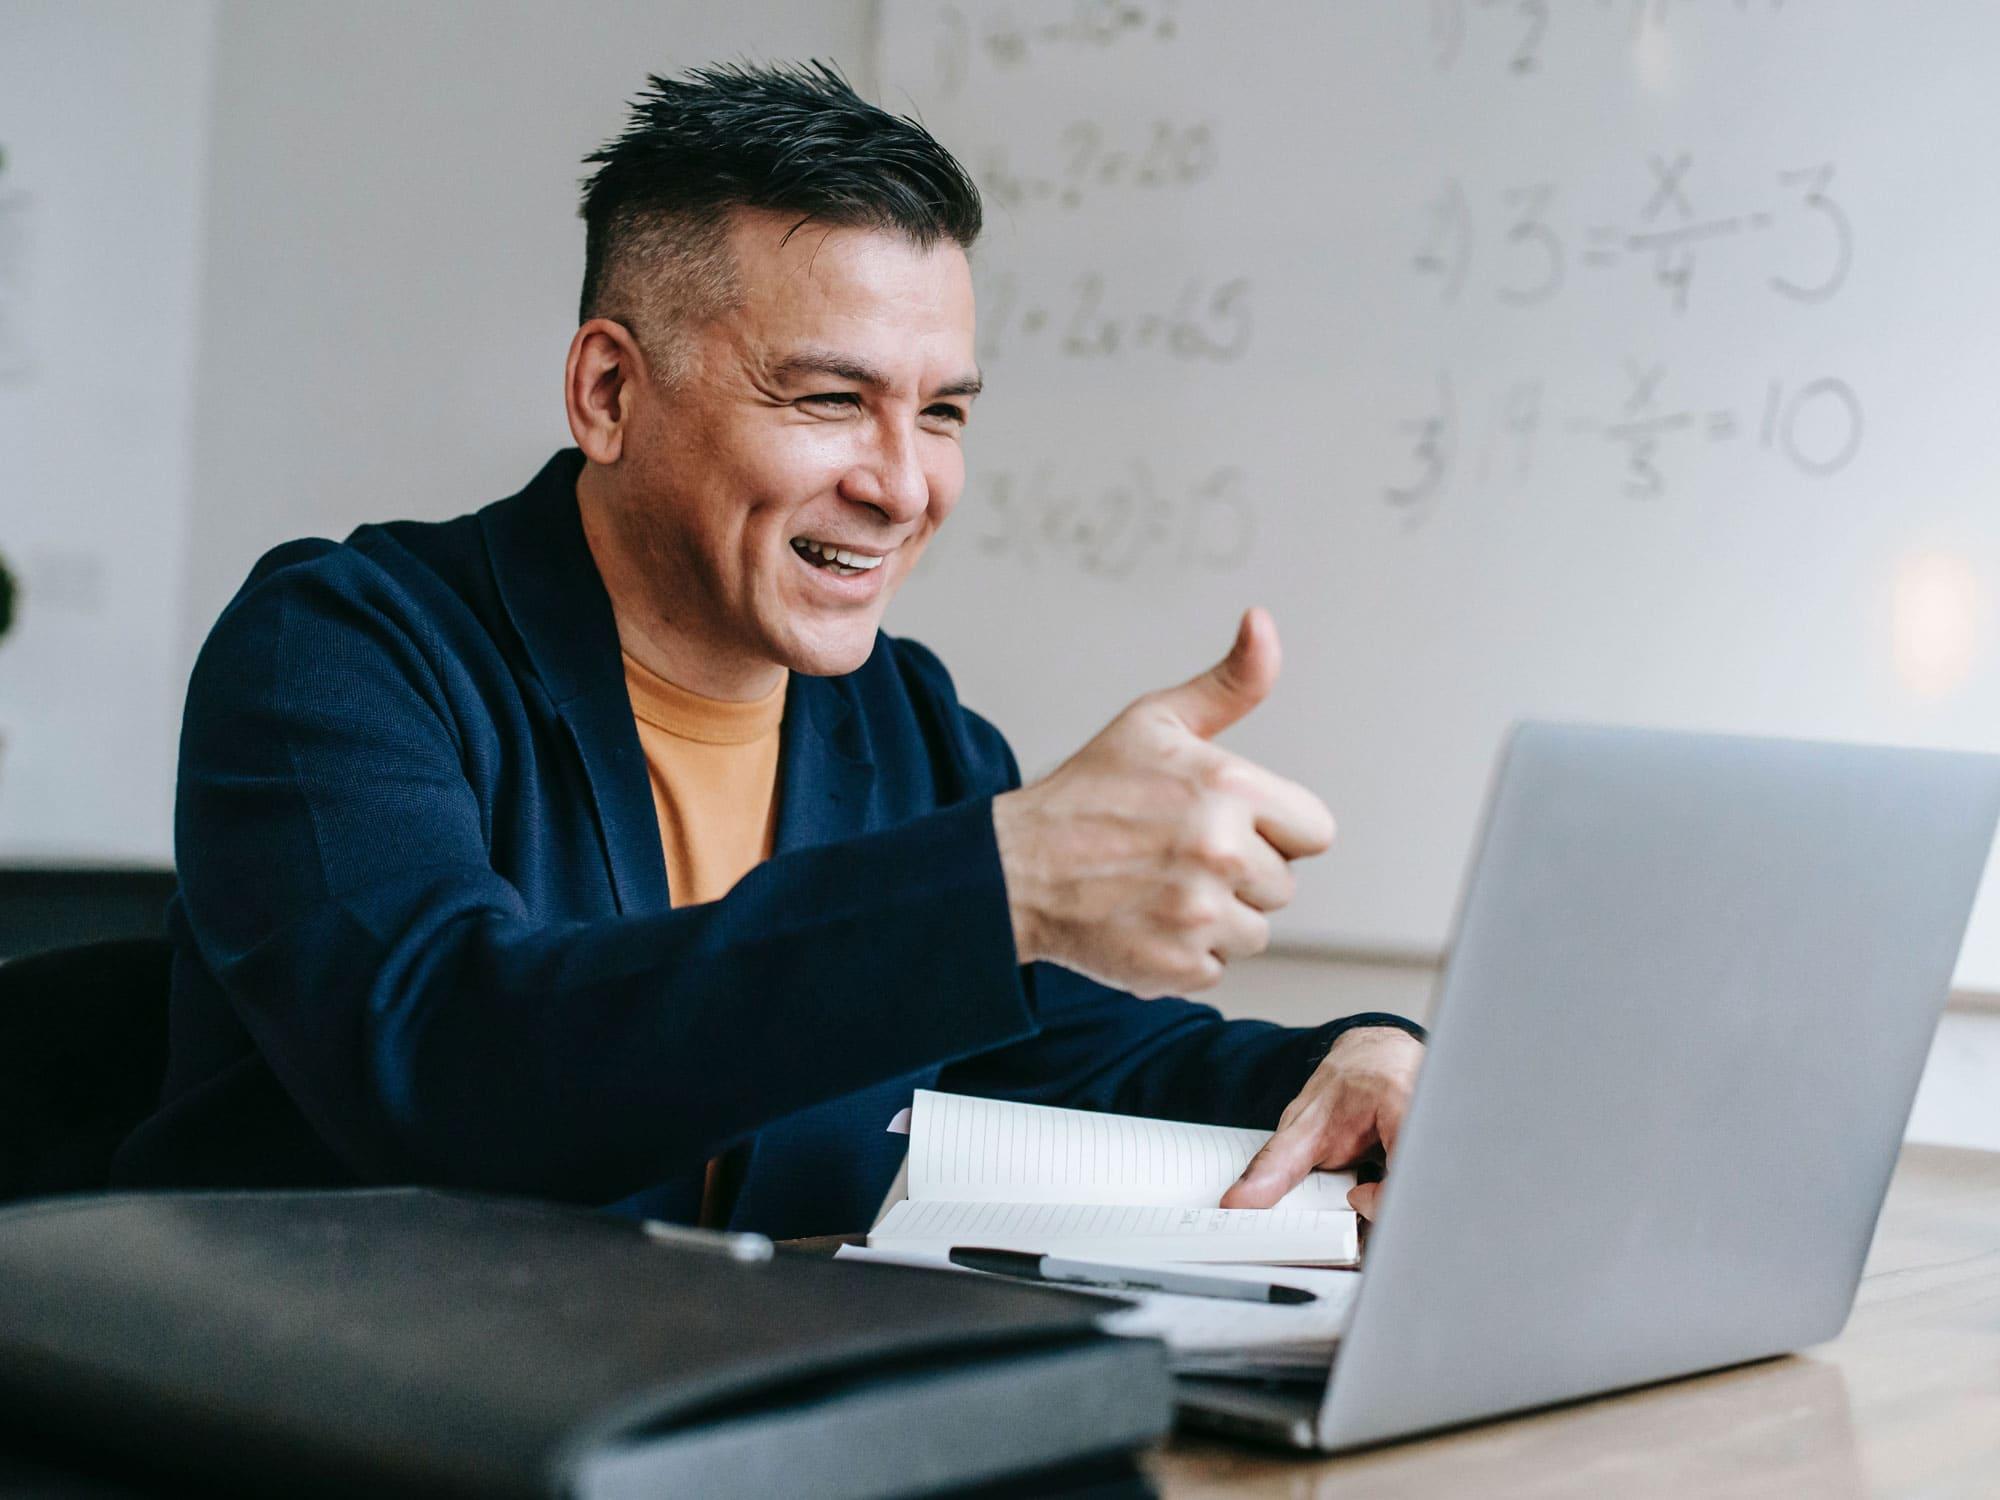 Mann_im_Home-Office_sitzt_am_Schreibtisch_vor_seinem_Laptop_und_hebt_einen_Daumen